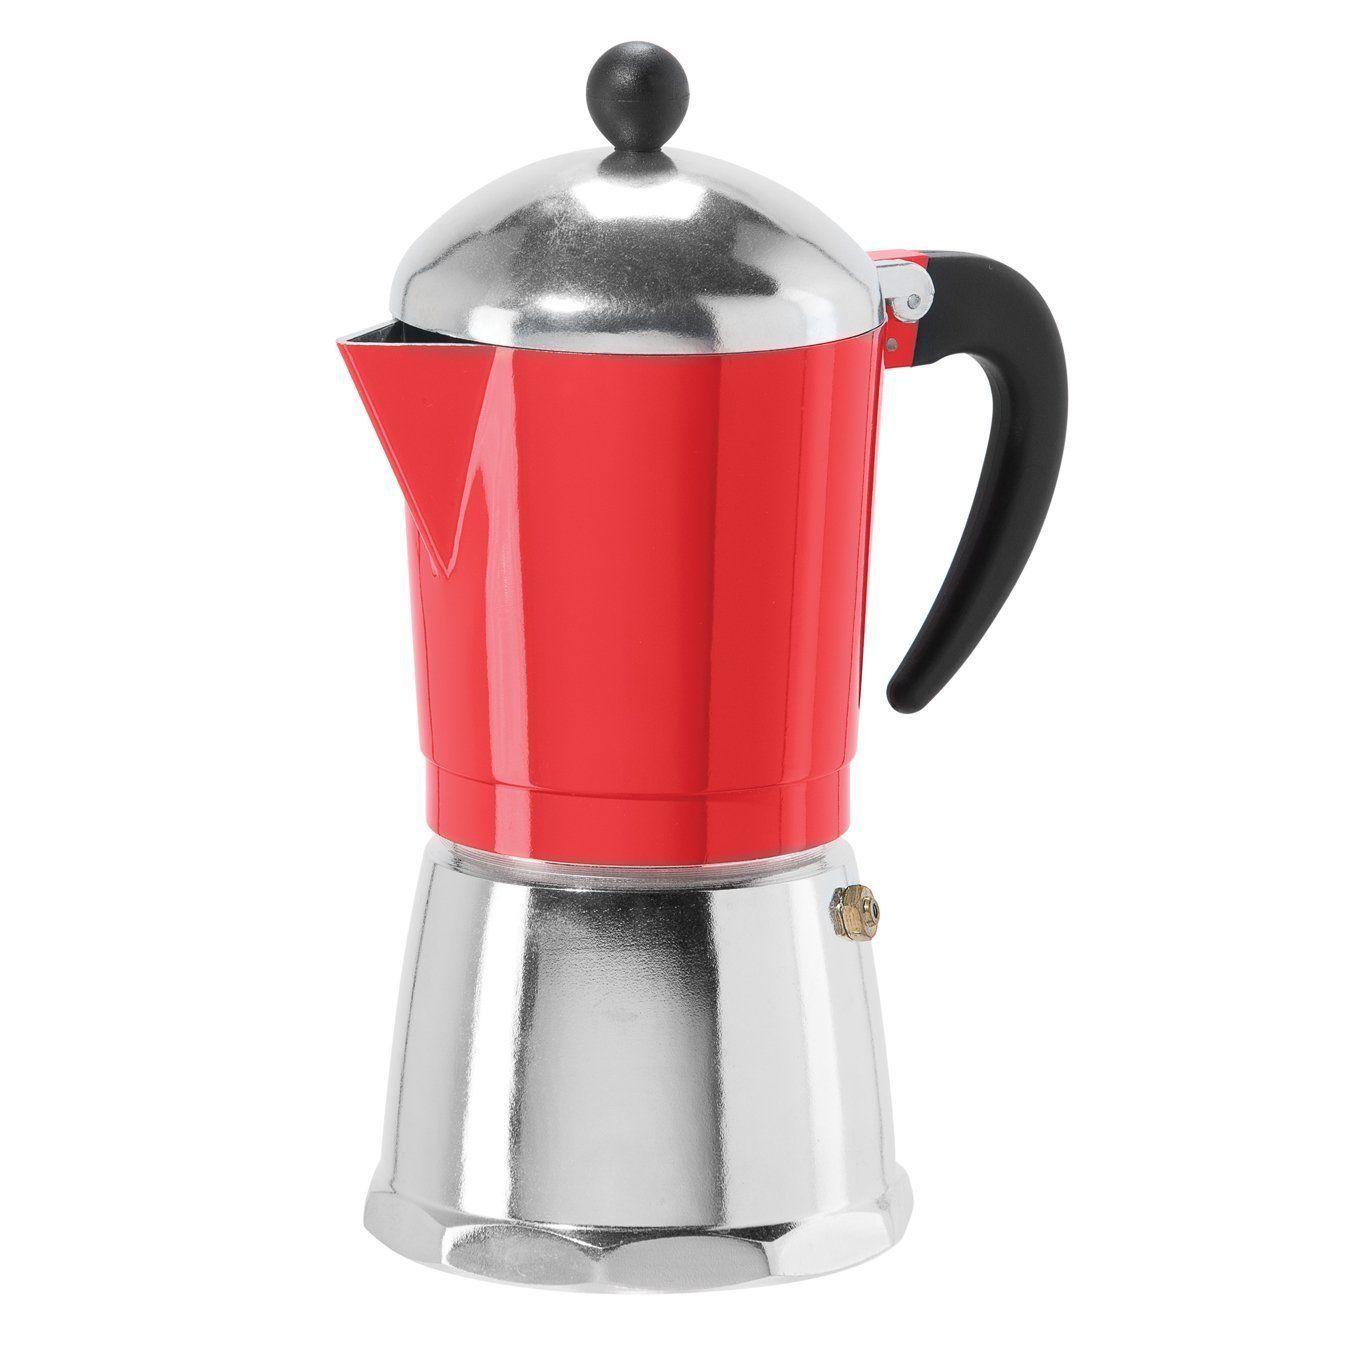 Oggi cup cast aluminum stovetop espresso coffee maker red